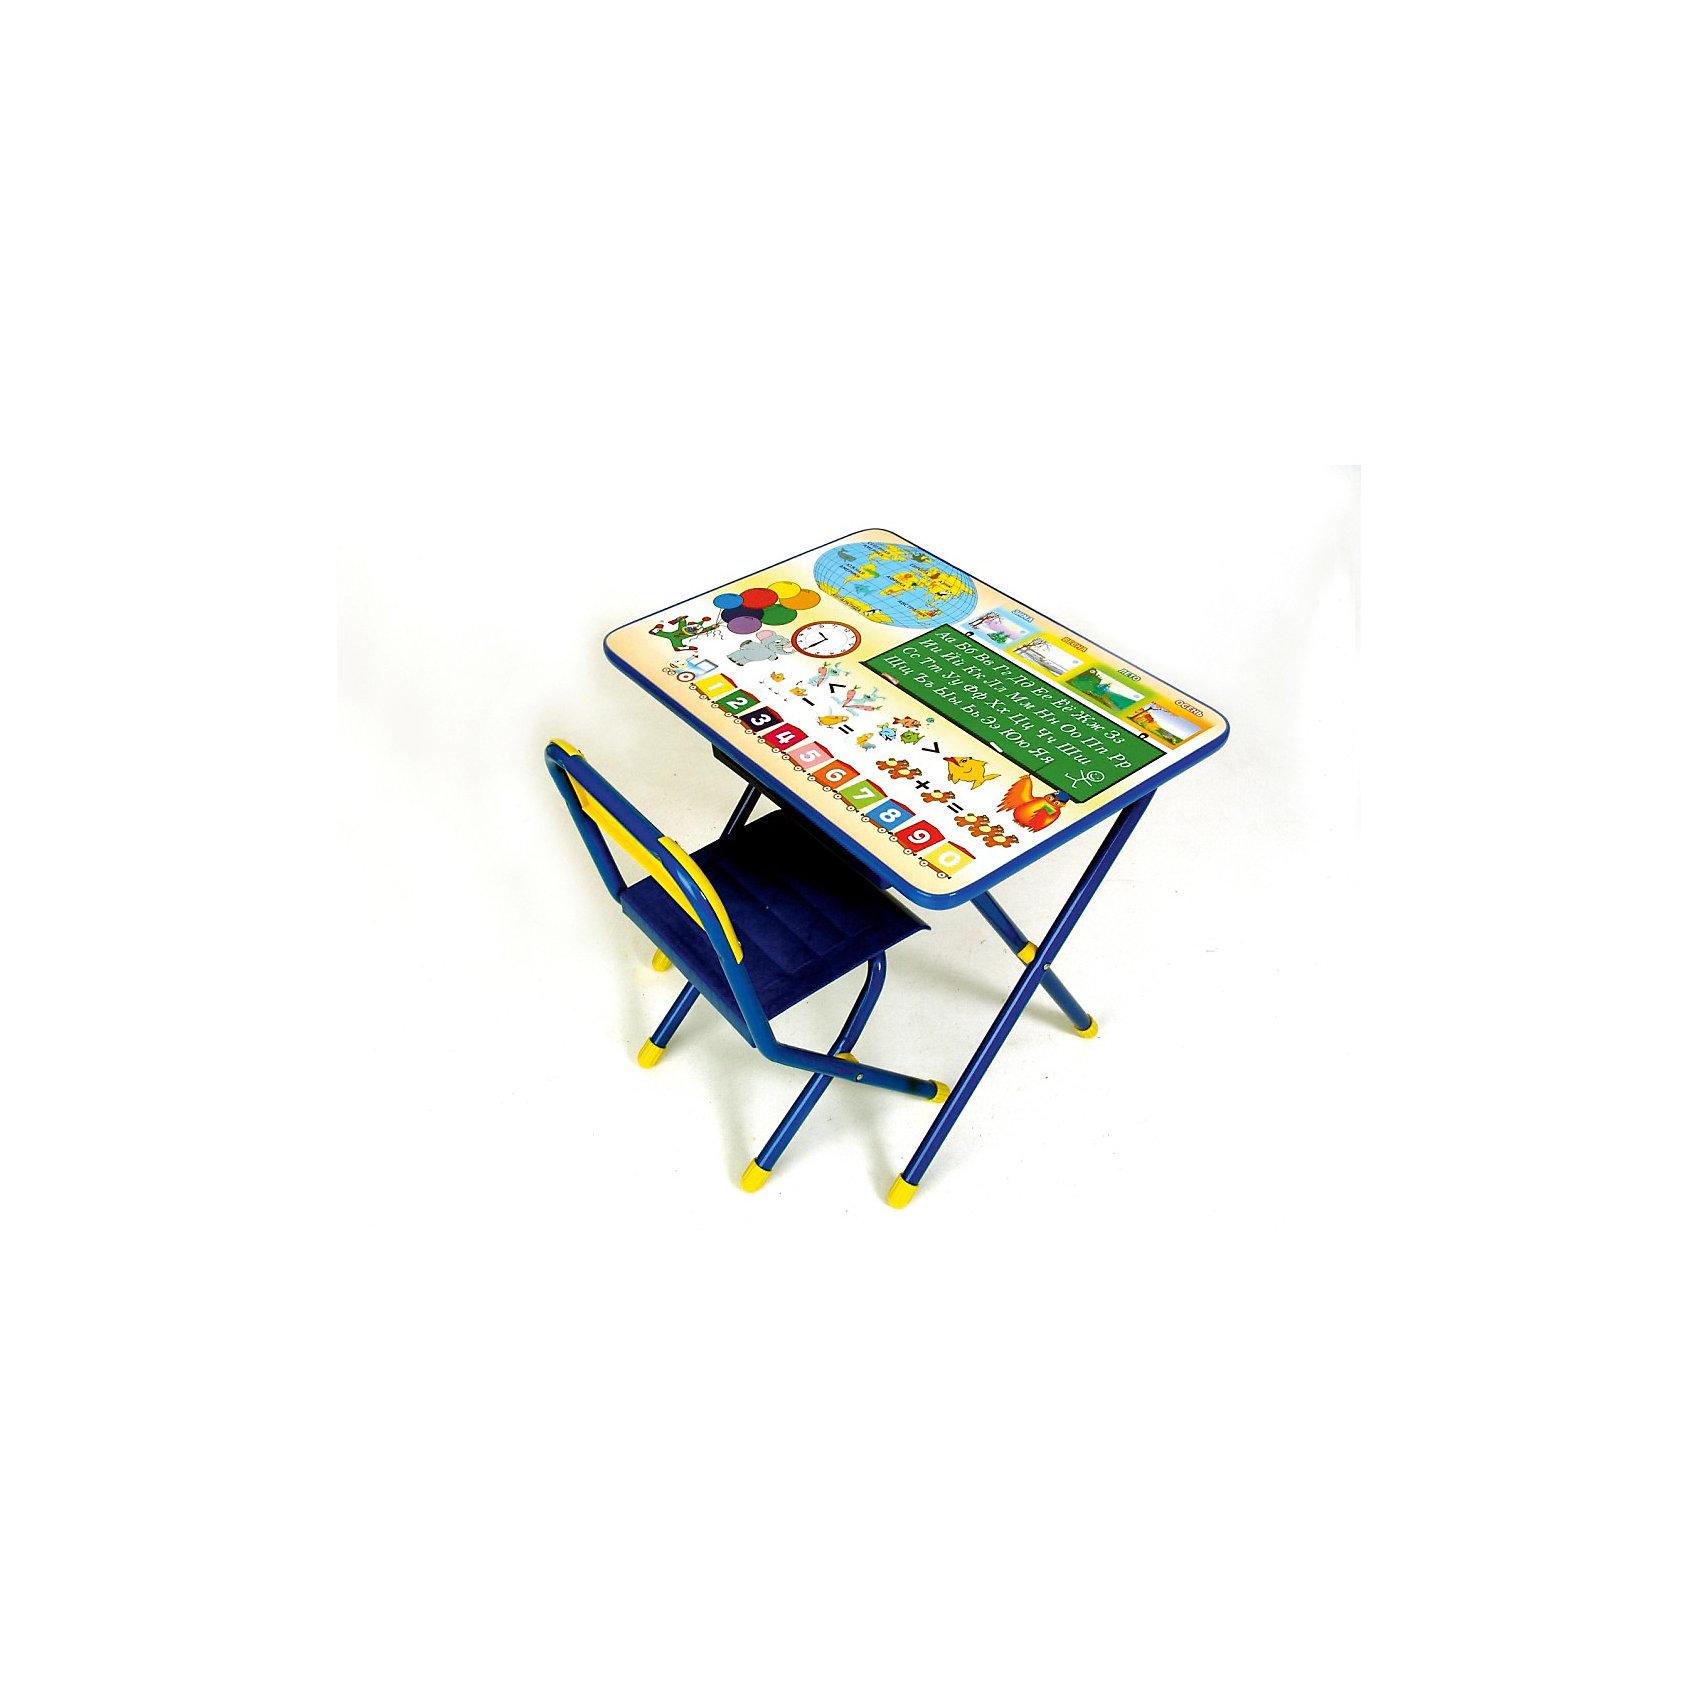 Набор мебели Глобус, Дэми, синийМебель<br>Набор предназначен для детей с 2 до 5 лет.<br><br>Набор состоит из стола и стульчика, и идеально подходит для организации детских игр и занятий, как в дошкольных учреждениях, так и для домашнего использования. <br><br>Поверхность столешницы ламинированная, ее легко мыть и чистить. На столешницу нанесен яркий, красивый обучающий рисунок, позволяющий Вашему ребенку познакомиться с миром букв и цифр. После занятий при необходимости его можно сложить и убрать, что позволяет использовать его даже в малогабаритных помещениях. <br>К набору прилагается небольшая пластиковая полочка-пенал для канцтоваров, которая крепится к столу.<br><br>Допустимая нагрузка на сиденье - не более 30 кг.<br>Размеры стола (ВШД): 52 х 45 х 60 см.<br>Высота сиденья: 30 см.<br><br>Ширина мм: 150<br>Глубина мм: 740<br>Высота мм: 640<br>Вес г: 8000<br>Возраст от месяцев: 24<br>Возраст до месяцев: 60<br>Пол: Мужской<br>Возраст: Детский<br>SKU: 3247870